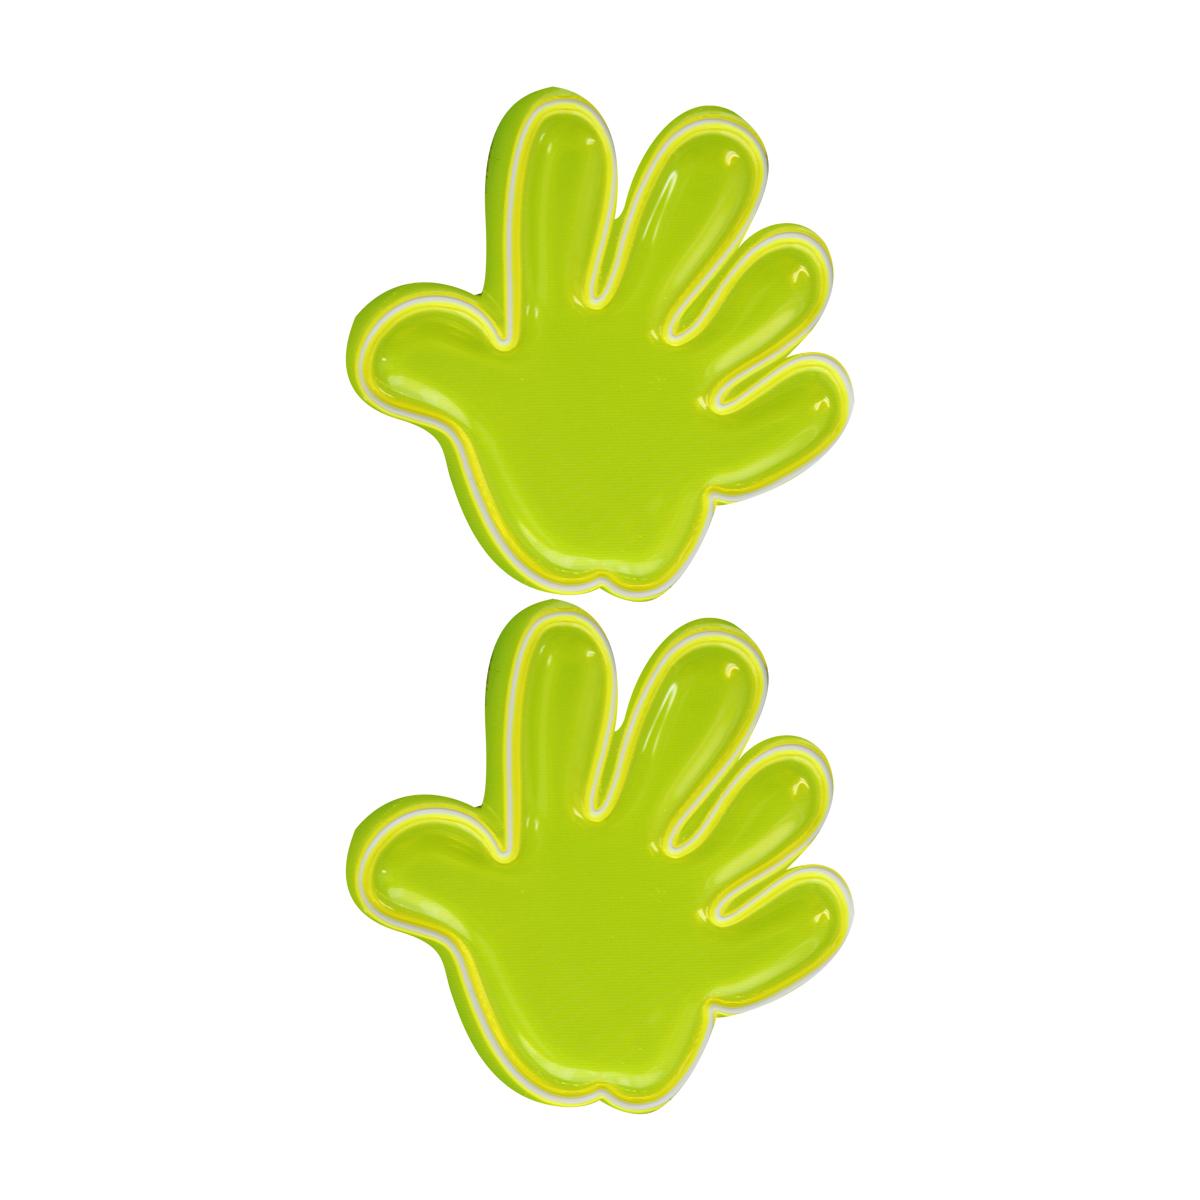 Наклейка светоотражающая Bestex Ладошка, цвет: желтый, 2 шт набор шкатулок для рукоделия bestex 3 шт zw001250